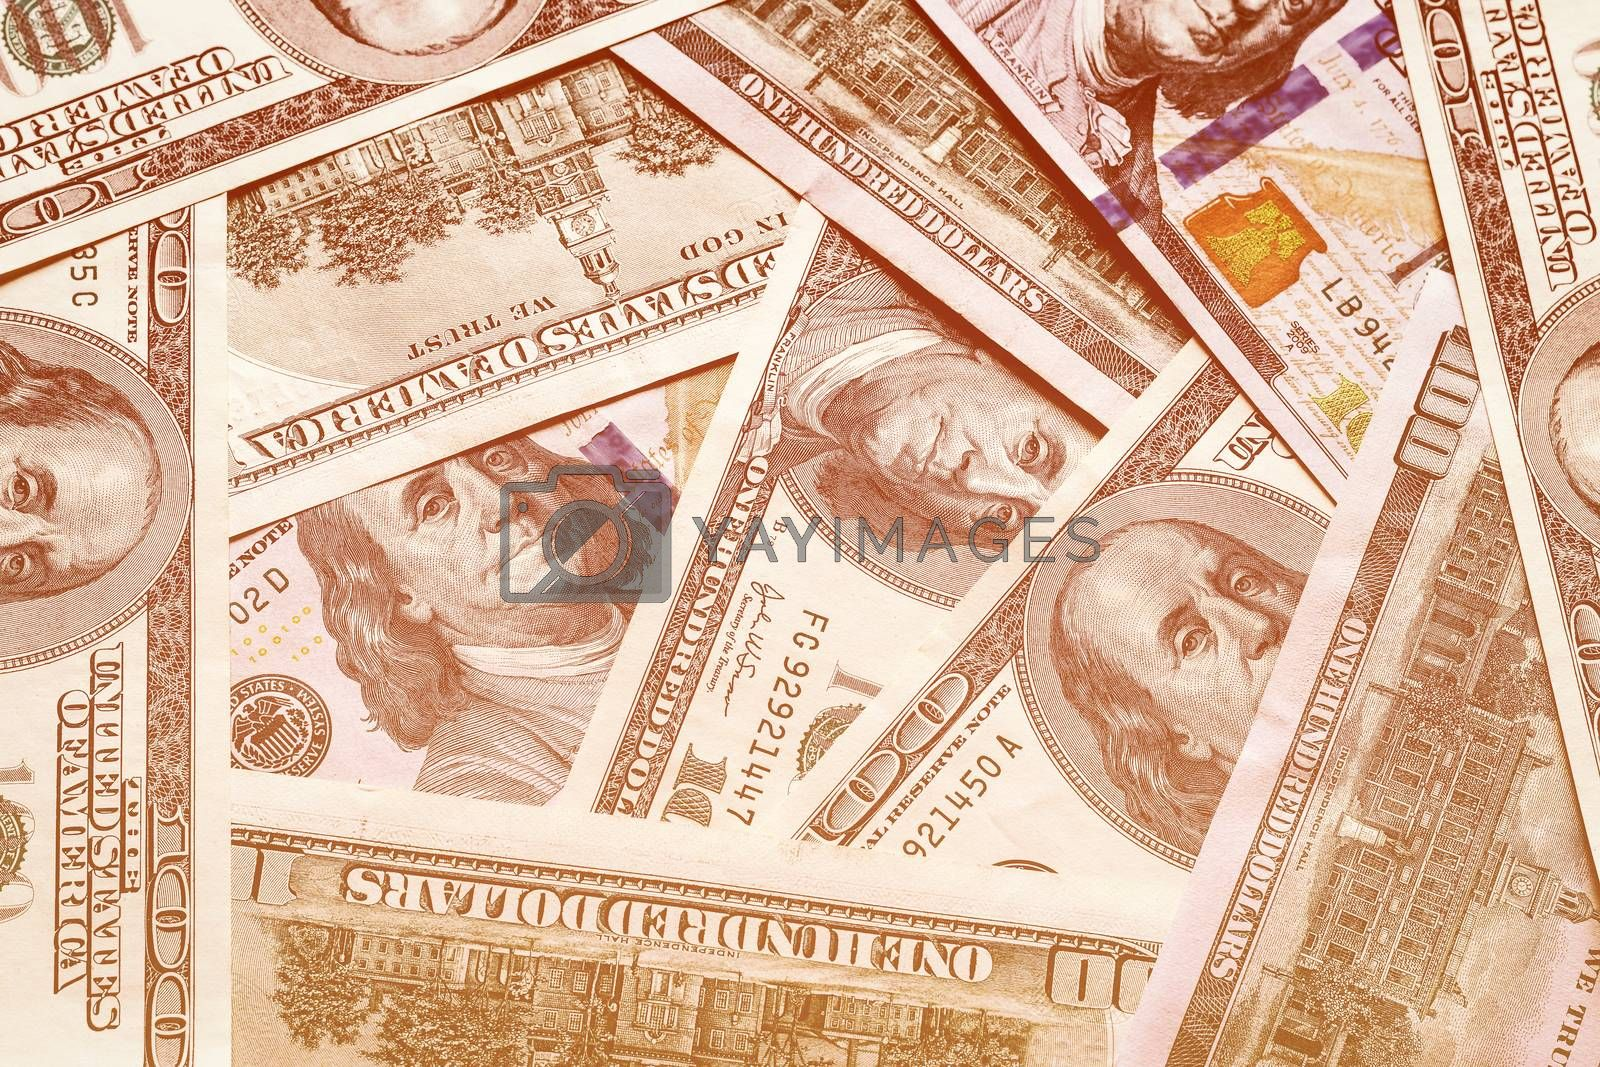 Background with money american dollar bills. by Eugene Yemelyanov